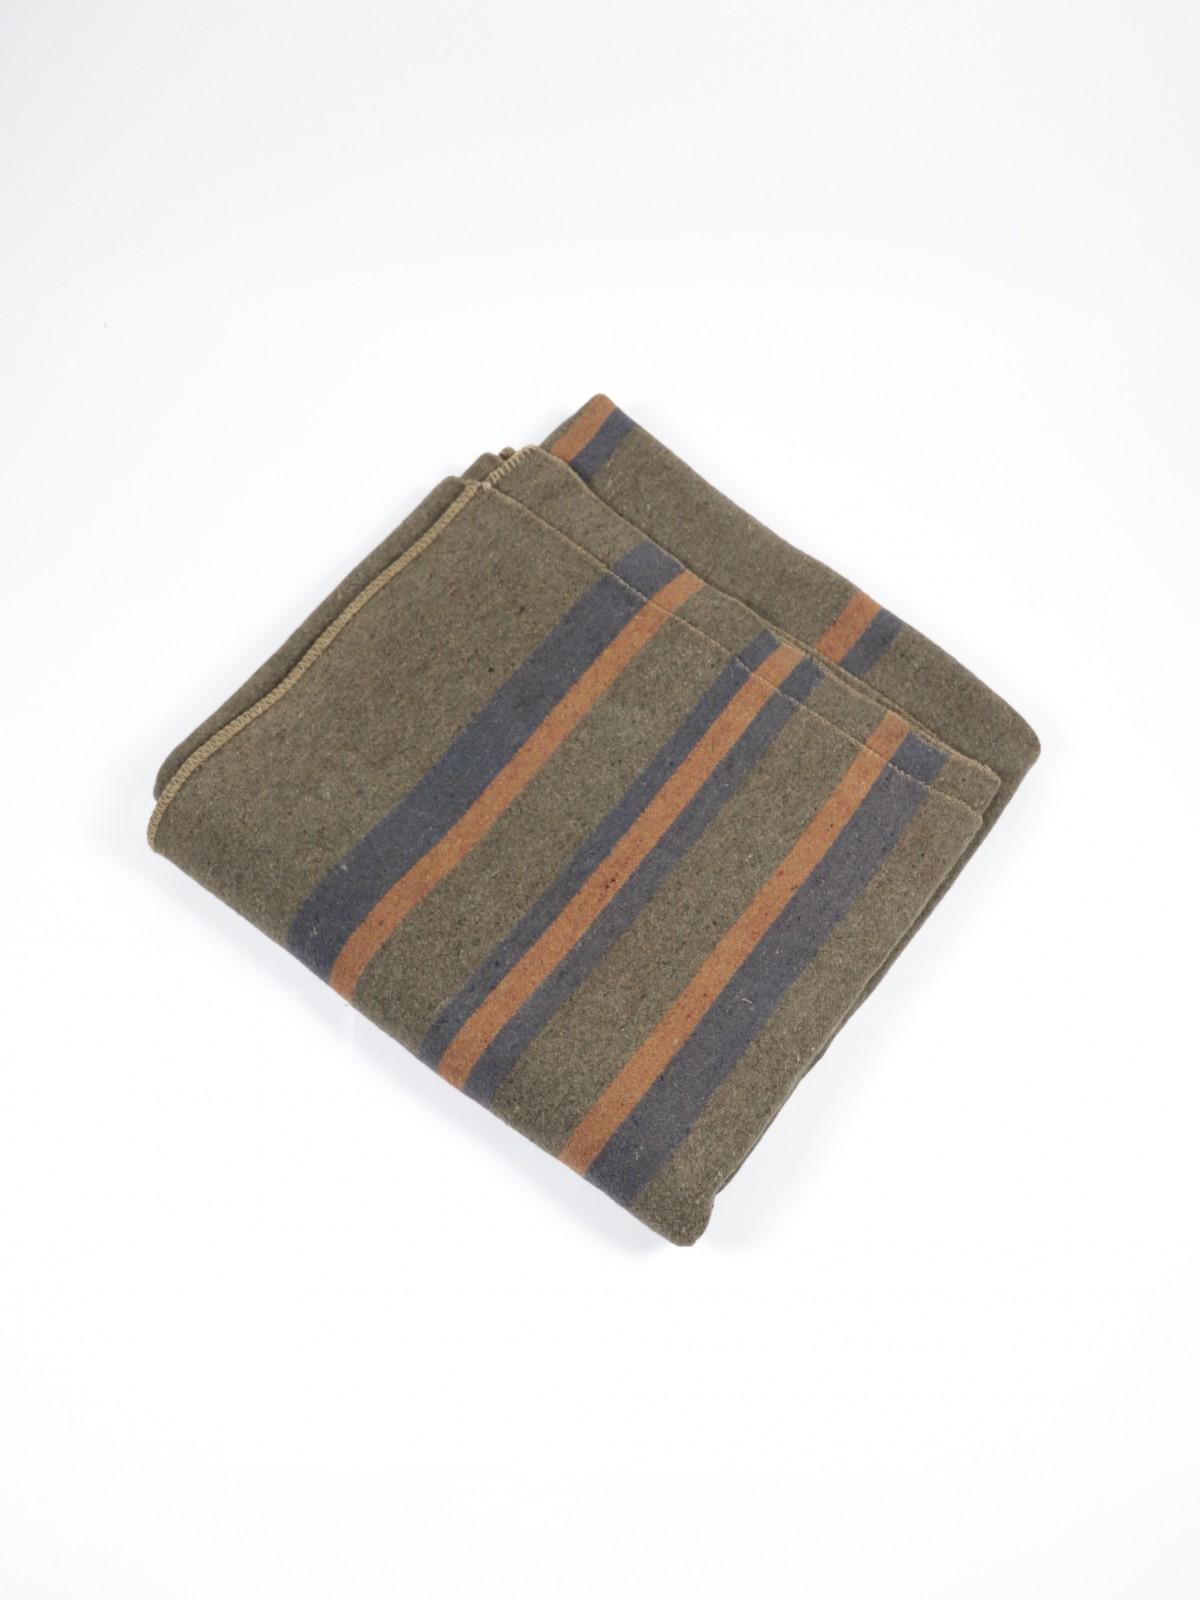 horse blanket, 1930's, blanket